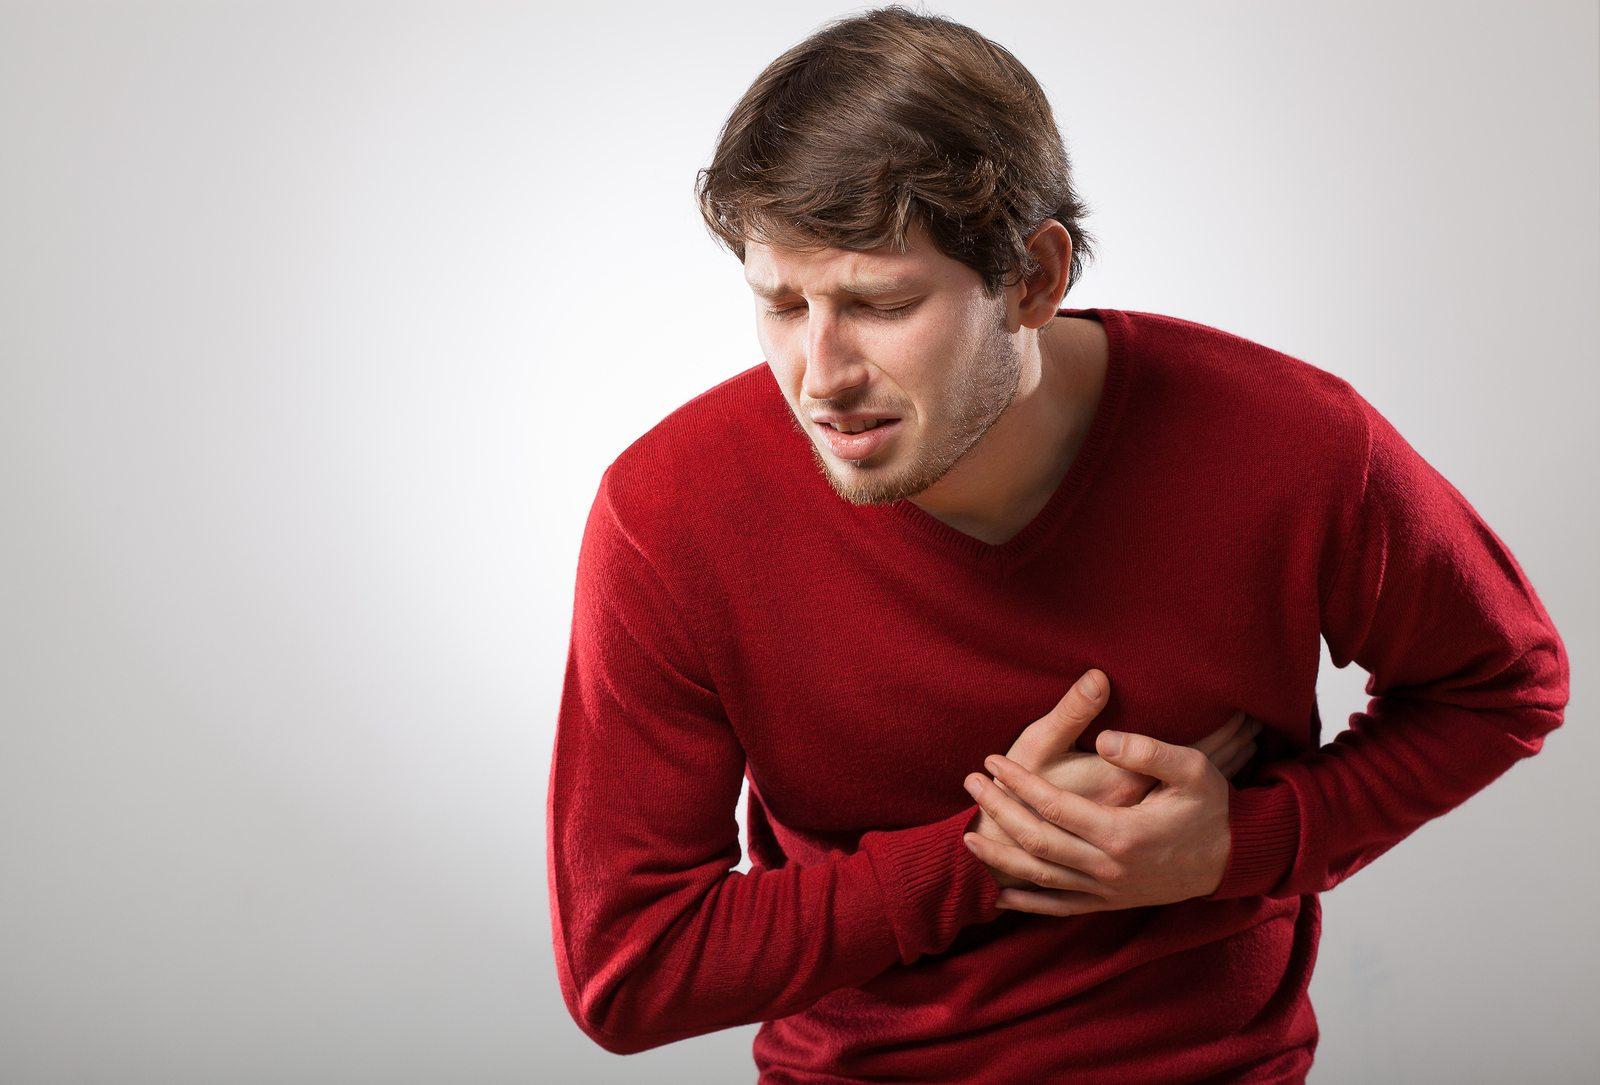 sintomas doencas cardiocasculares